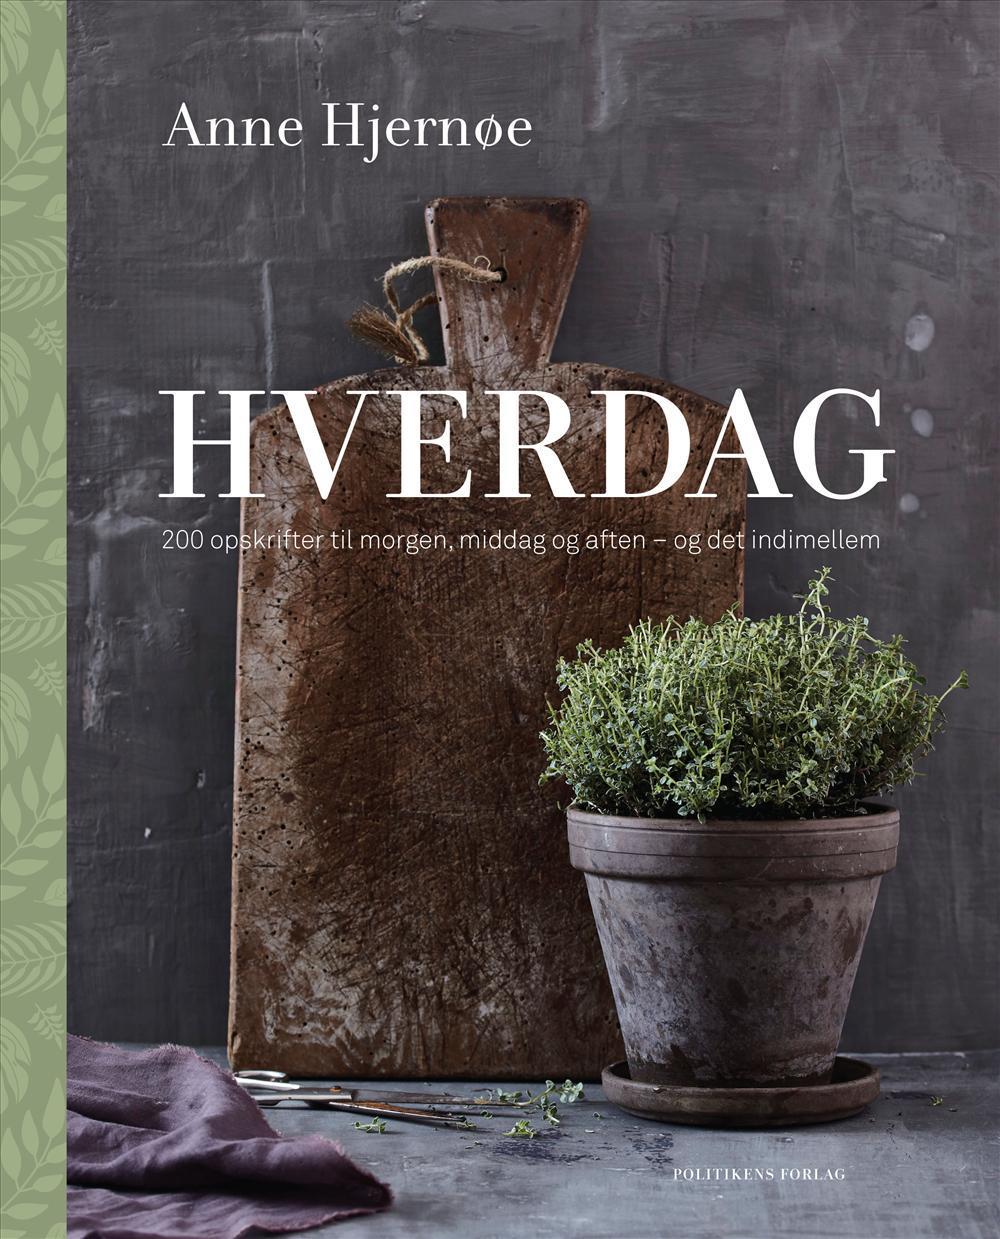 Hverdag - Anne Hjernø - Bøger - Politikens Forlag - 9788740036282 - August 28, 2017